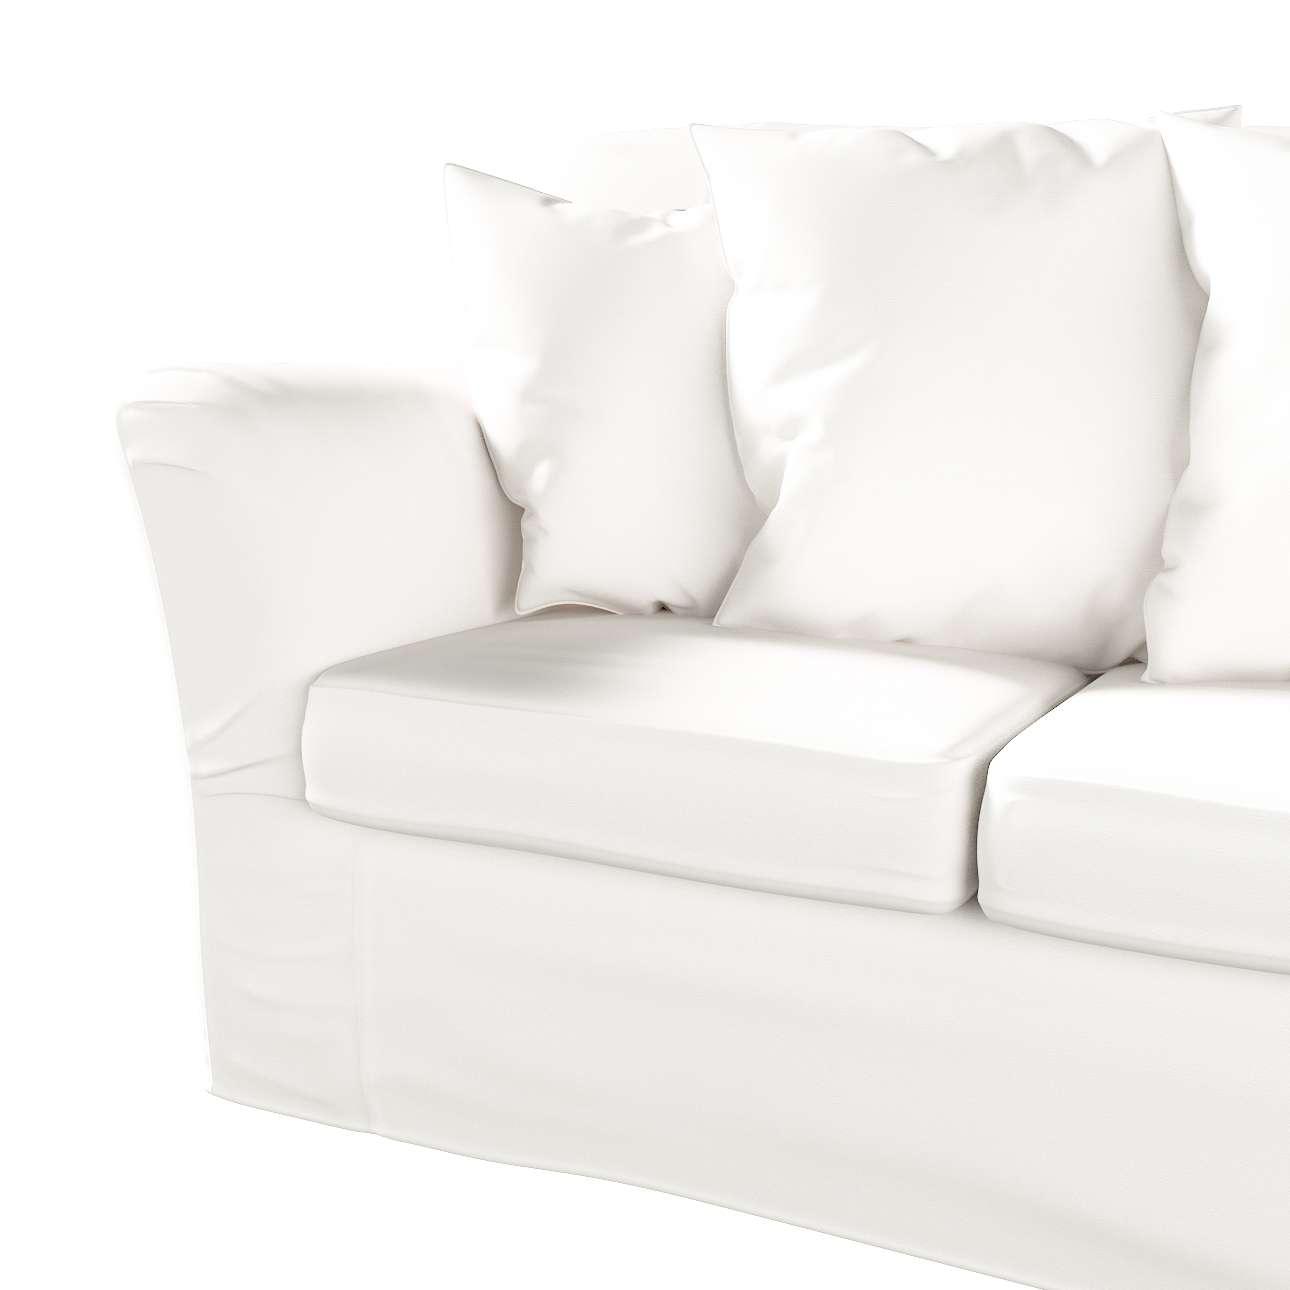 Pokrowiec na sofę Tomelilla 3-osobową nierozkładaną w kolekcji Cotton Panama, tkanina: 702-34